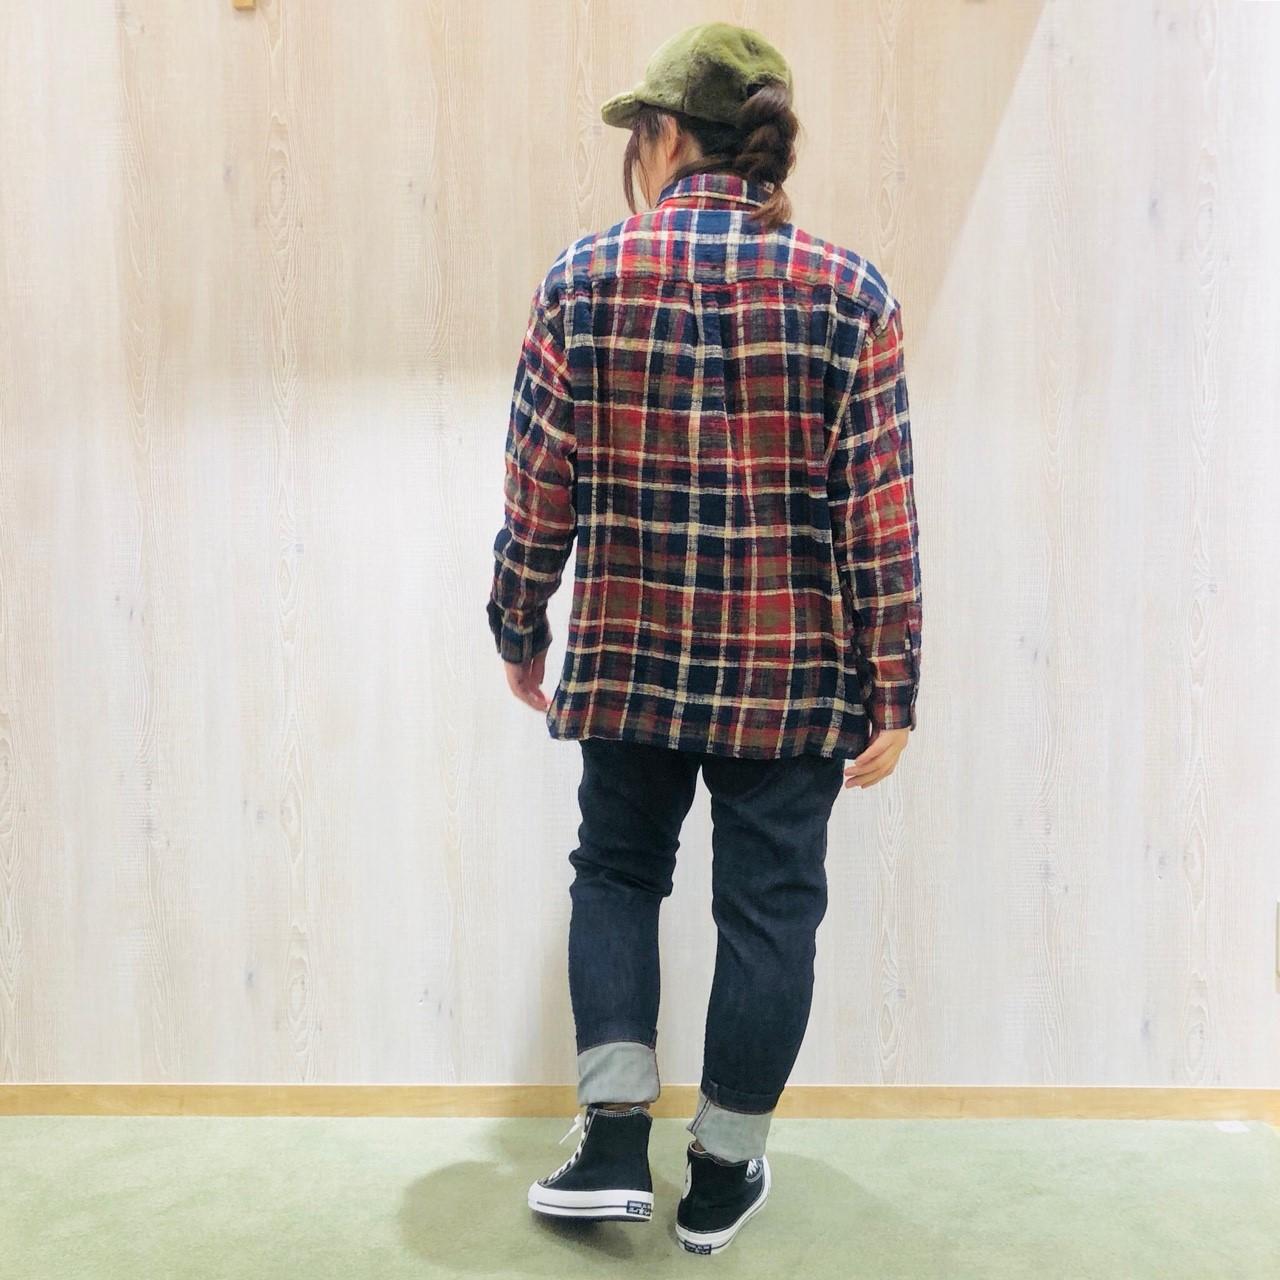 20181030田中ブログ_181030_0019